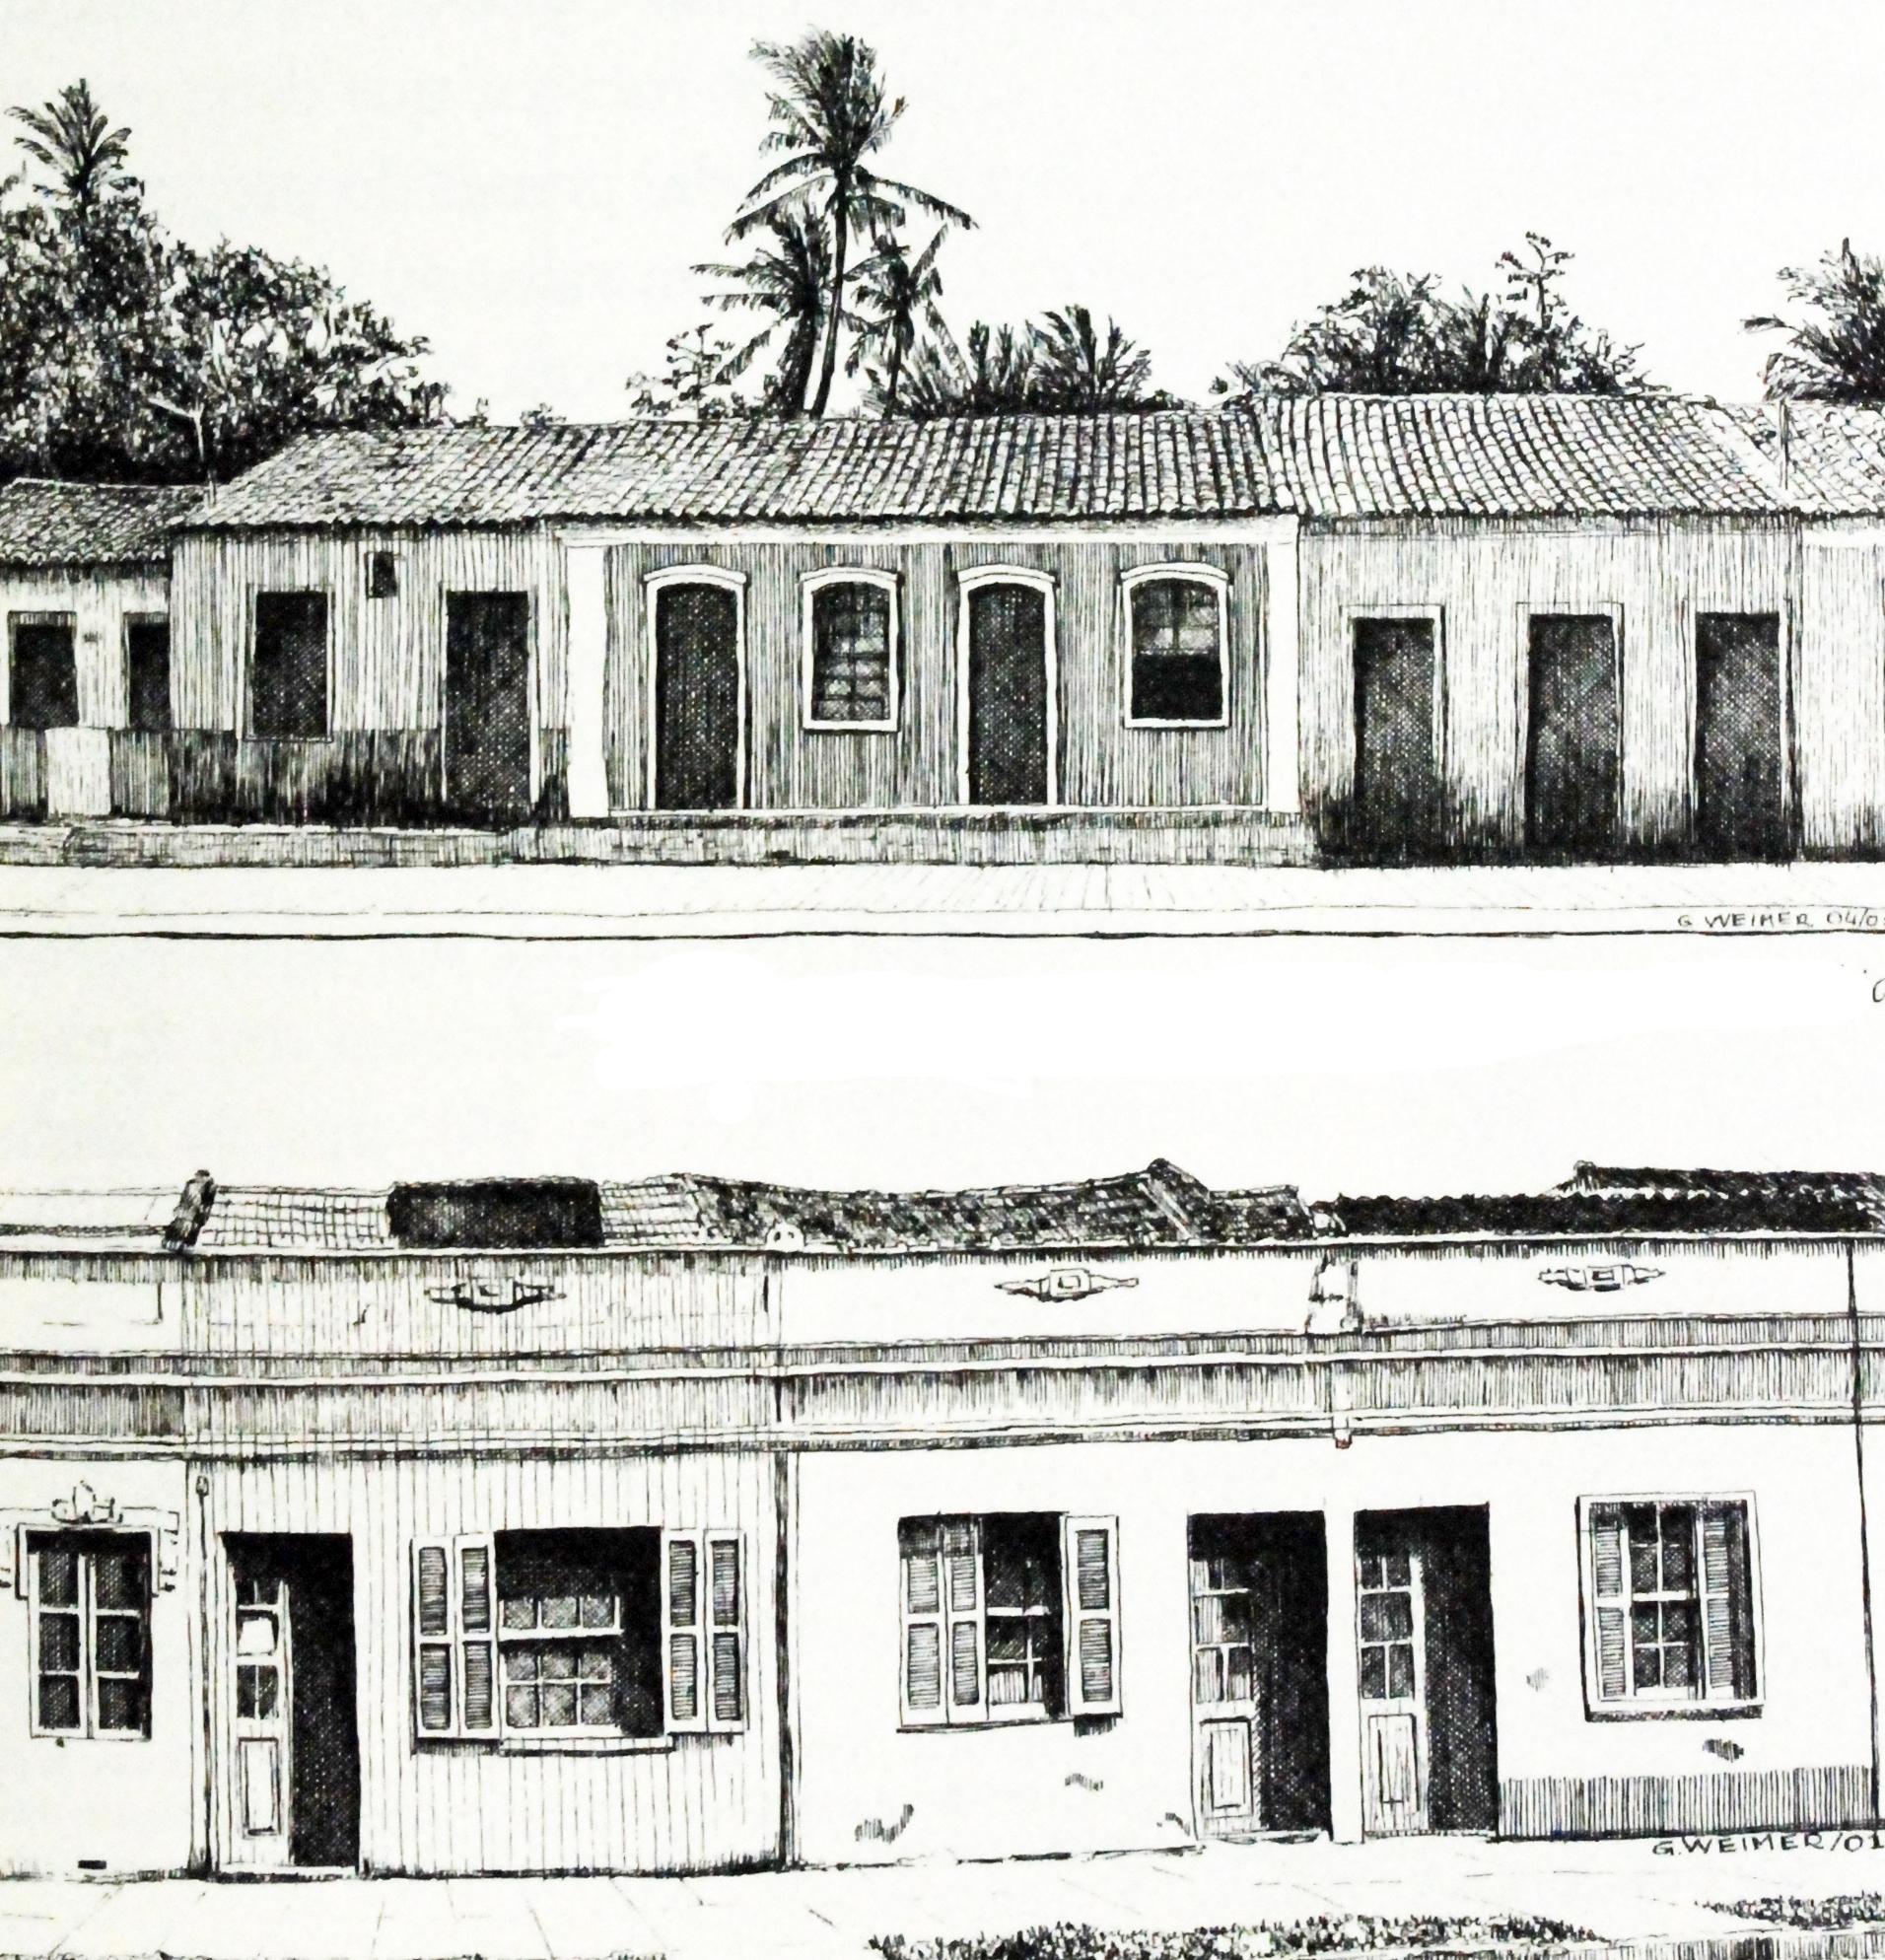 Figura 7. casario de 'Porta e Janela' em Porto Seguro, Bahia (acima) e em Porto Alegre, Rio Grande do Sul (abaixo)